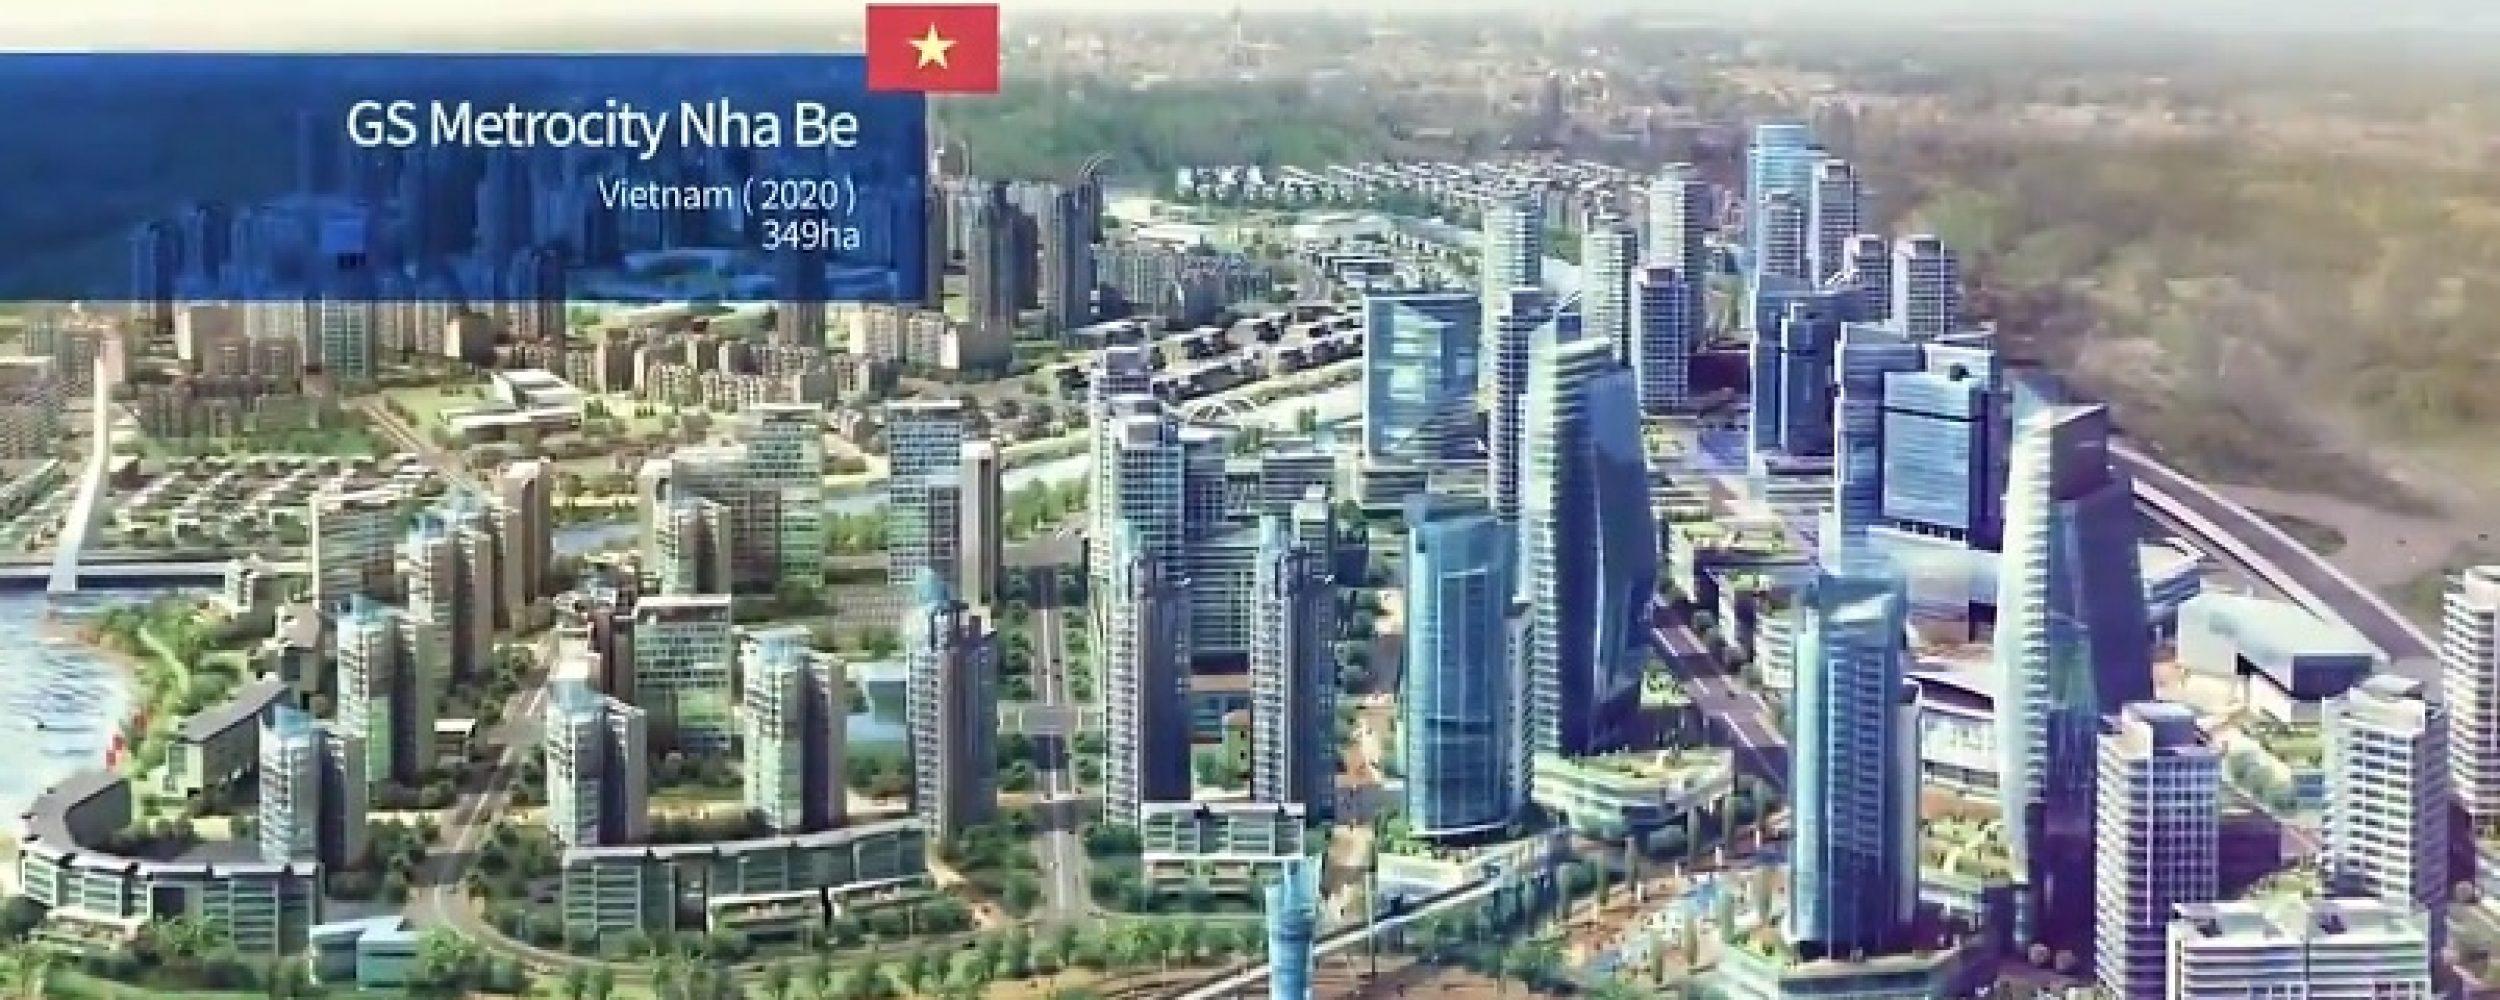 http://www.batdongsanban24h.com.vn/du-an/du-an-g-city-nha-be_988.html